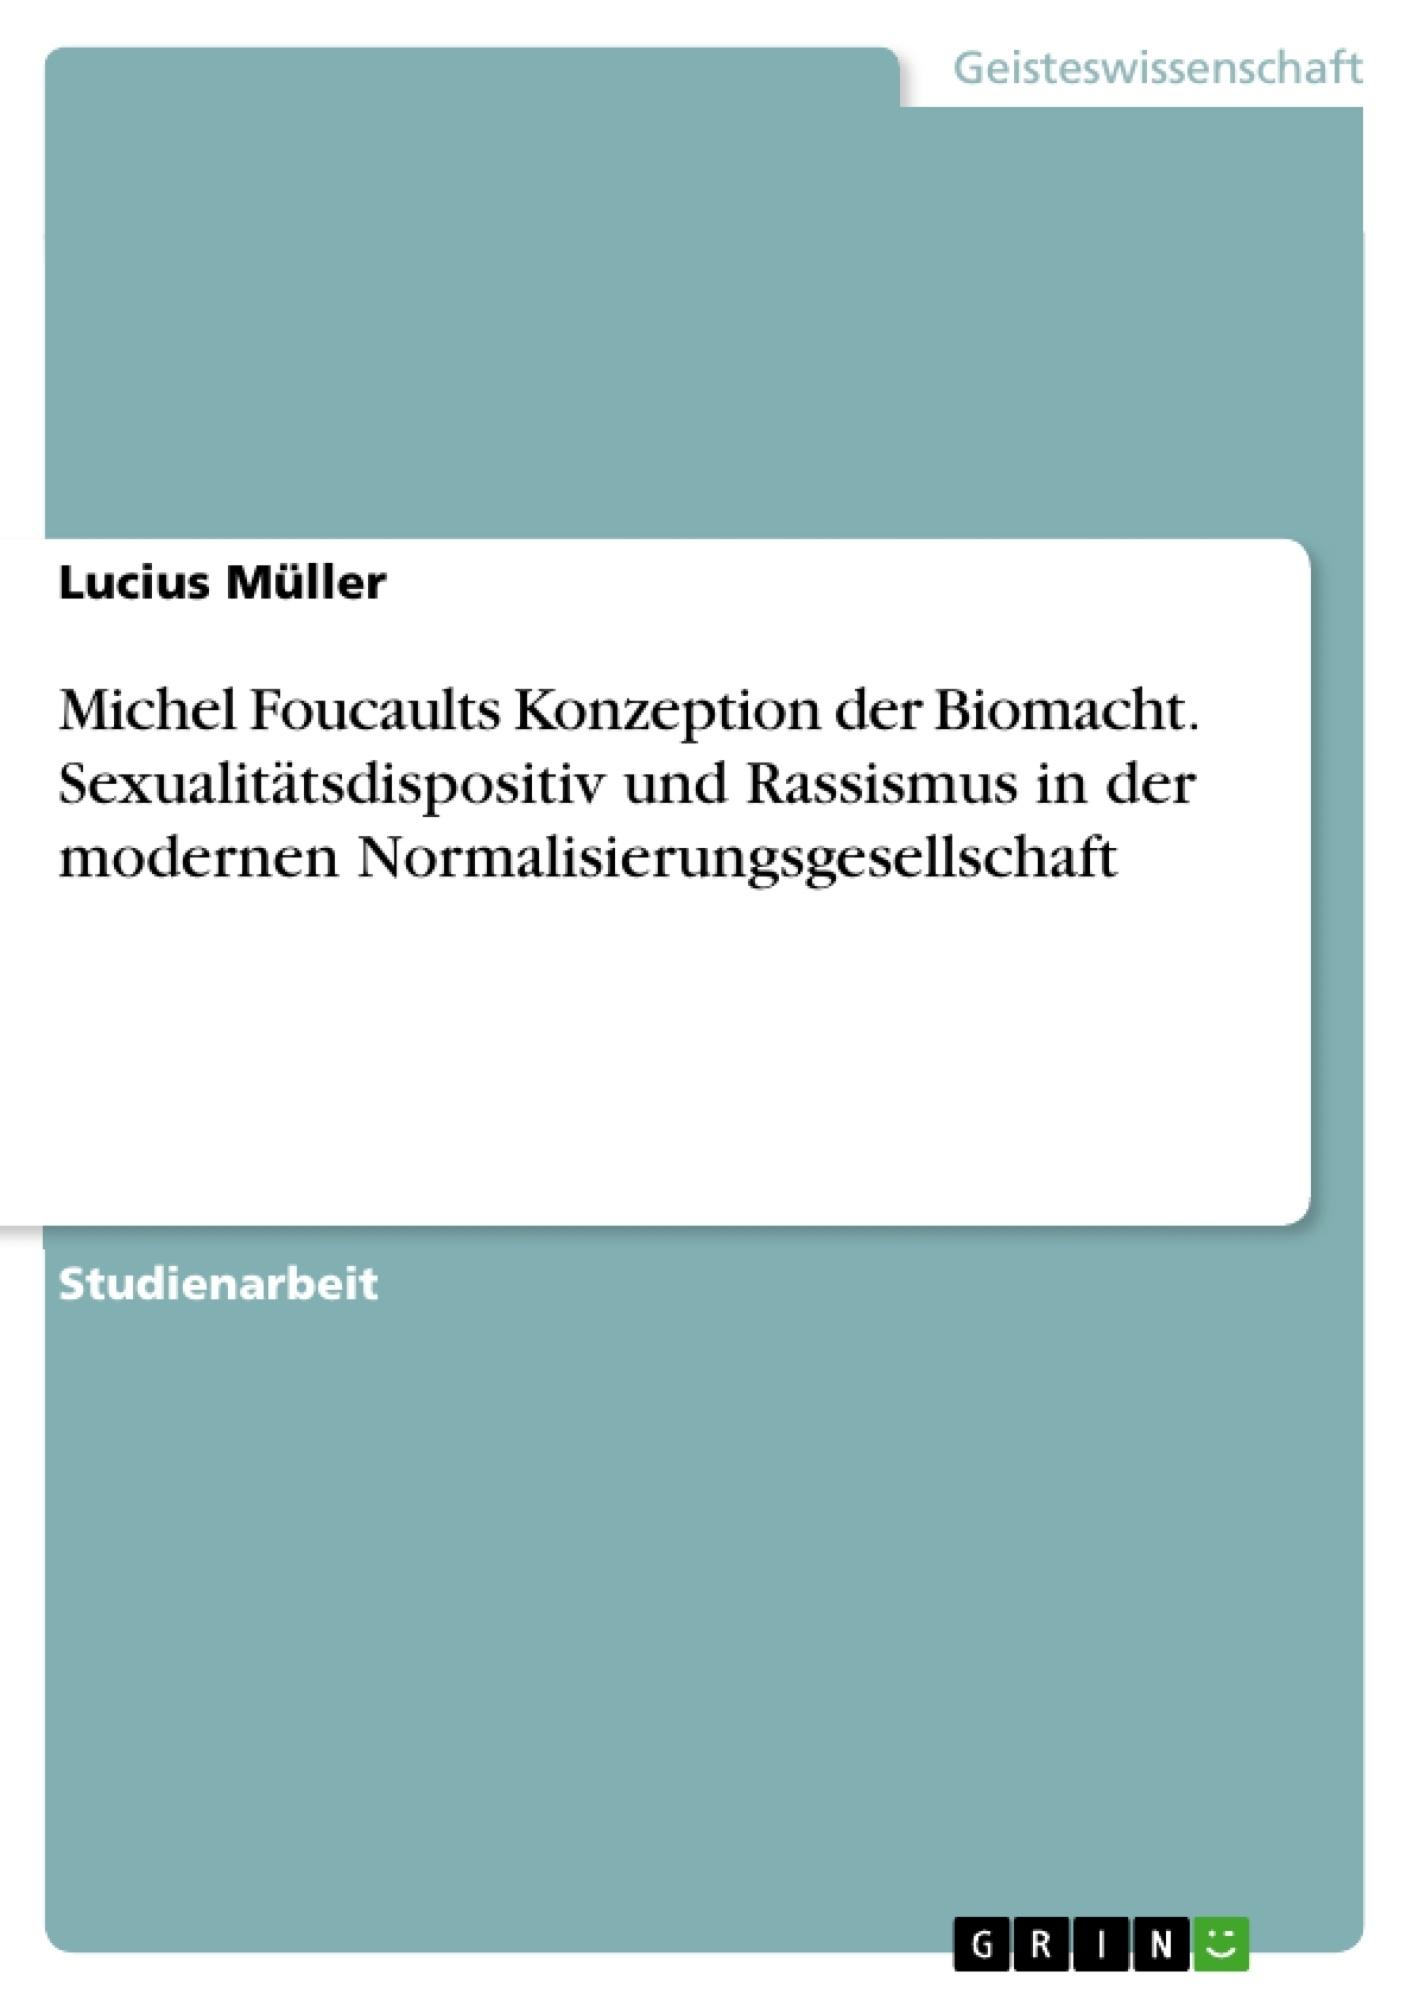 Titel: Michel Foucaults Konzeption der Biomacht. Sexualitätsdispositiv und Rassismus in der modernen Normalisierungsgesellschaft